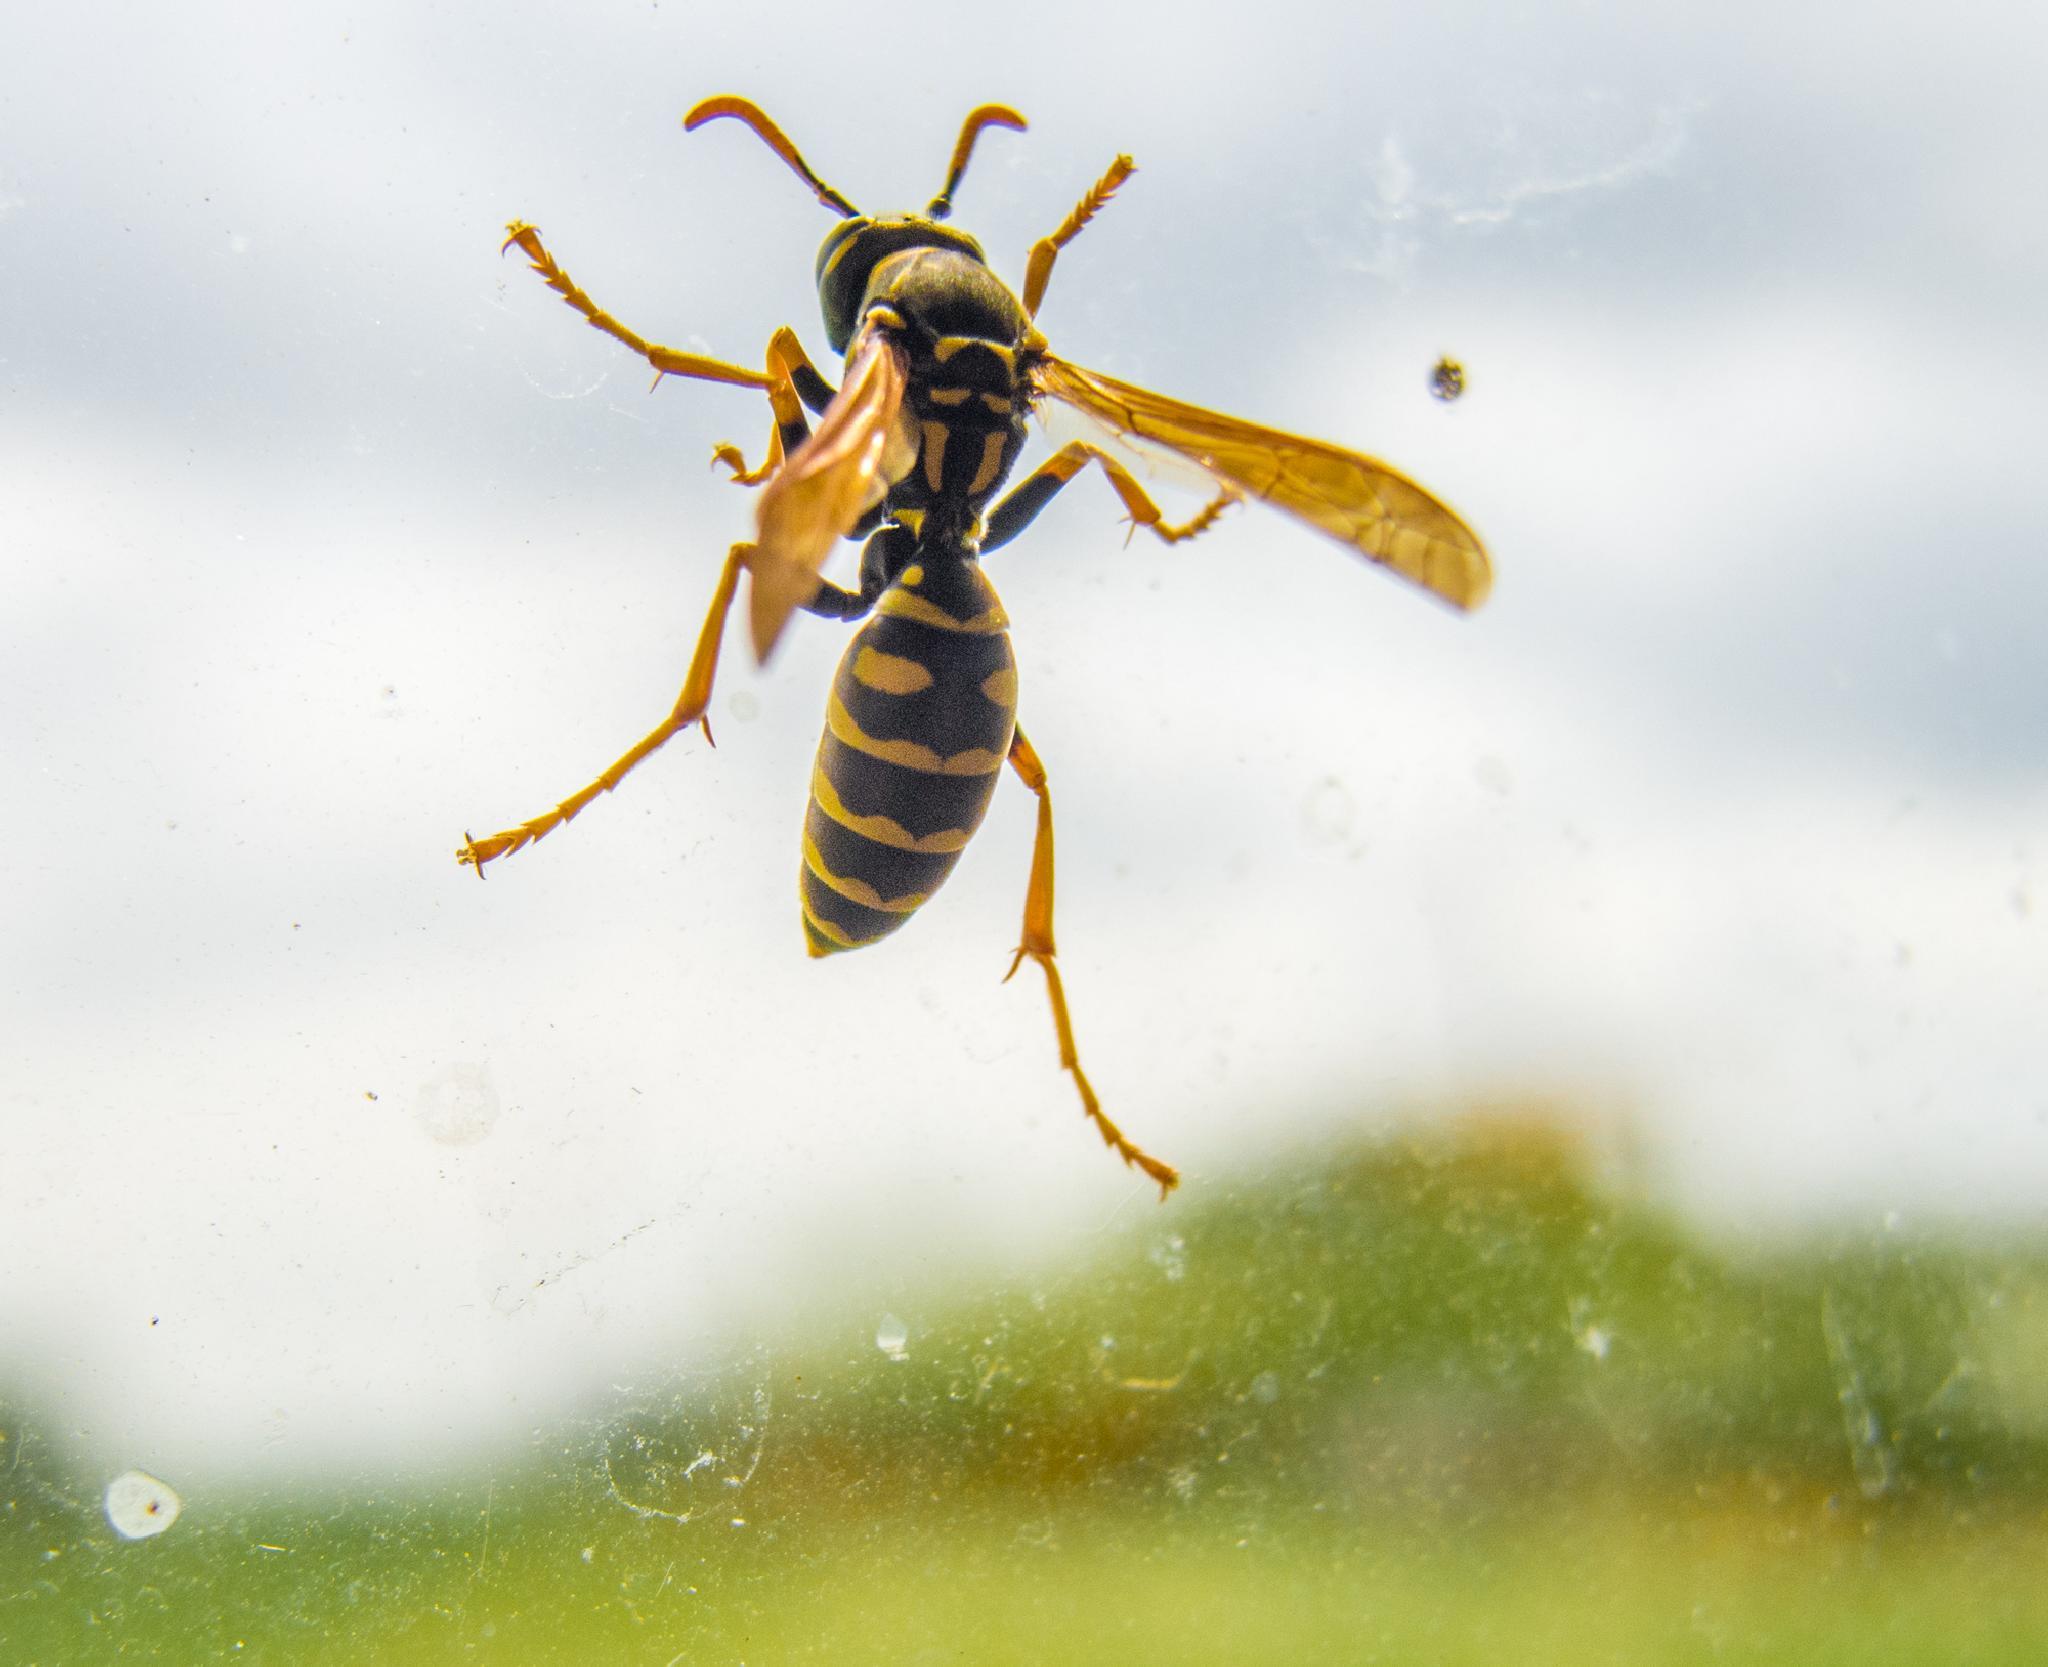 Wasp by stefan.brajkovic